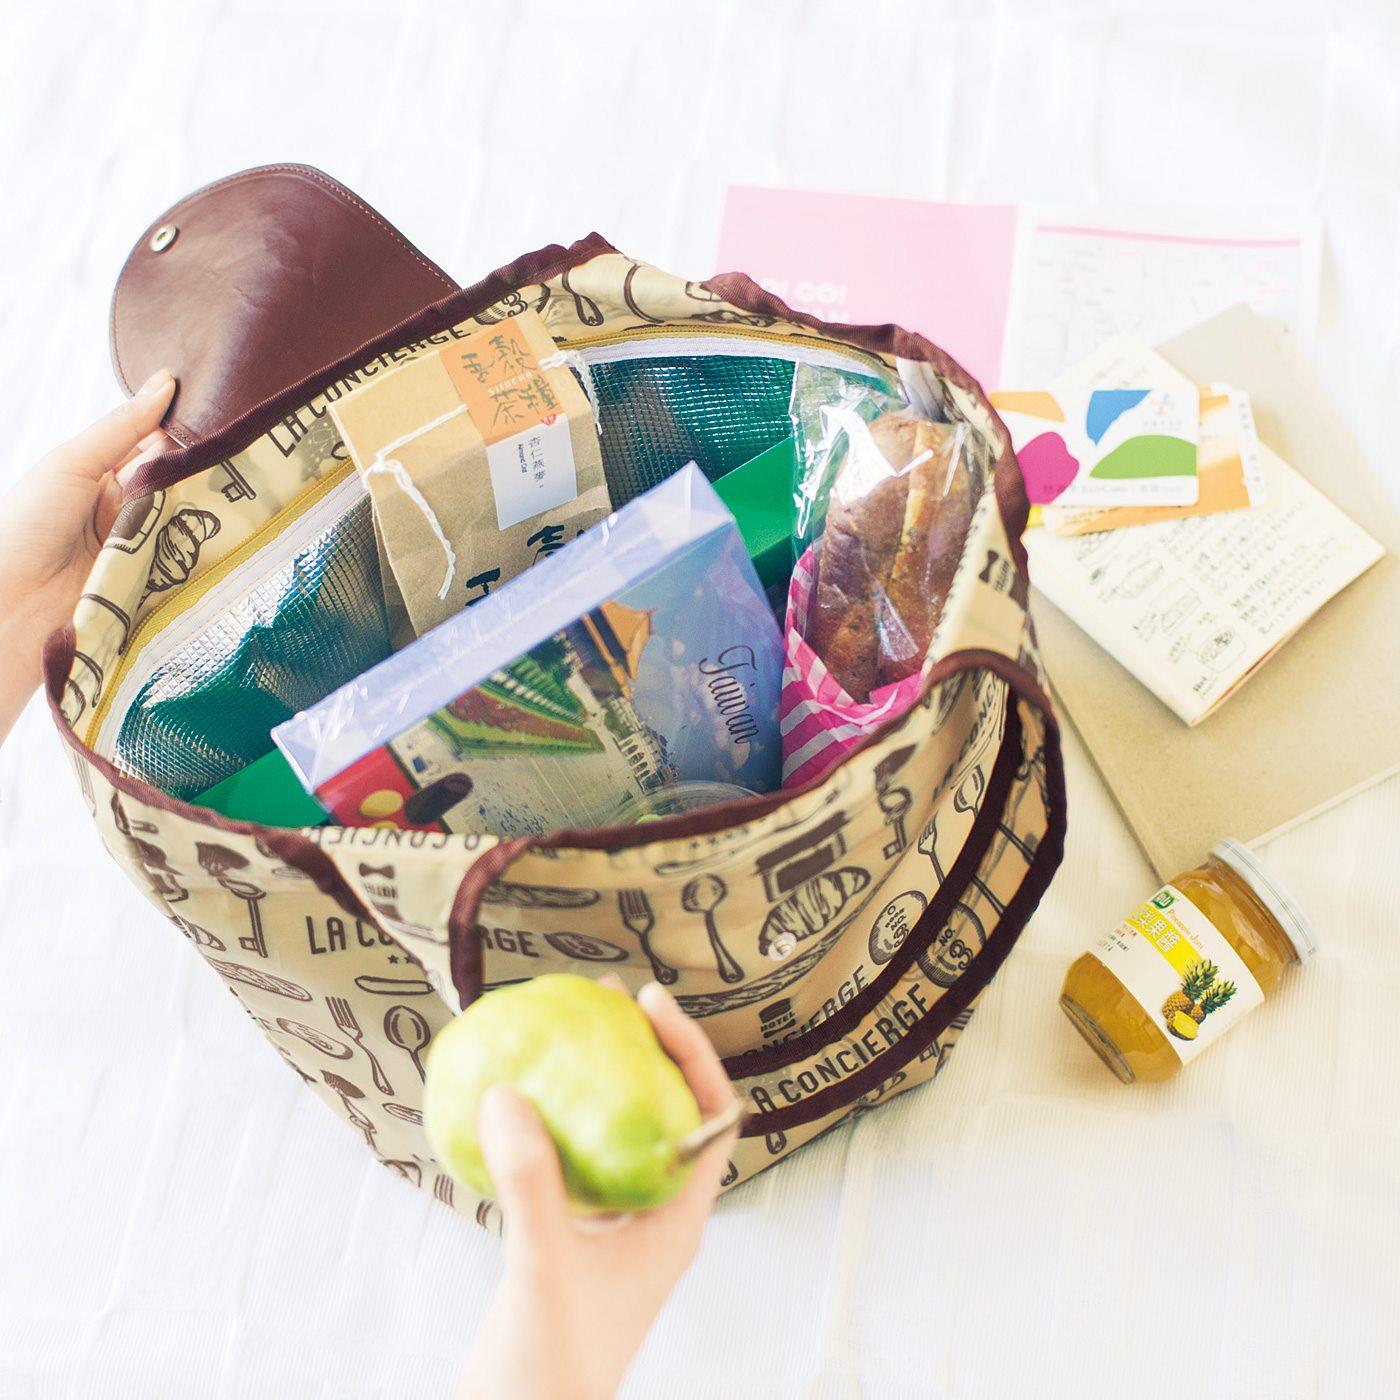 たためる保冷エコバッグ 「チョコレートや冷蔵ものも安心しておみやげに持って帰れるように、エコバッグに保冷機能をプラス。軽く、コンパクトにたためるからふだん使いにも便利です。」